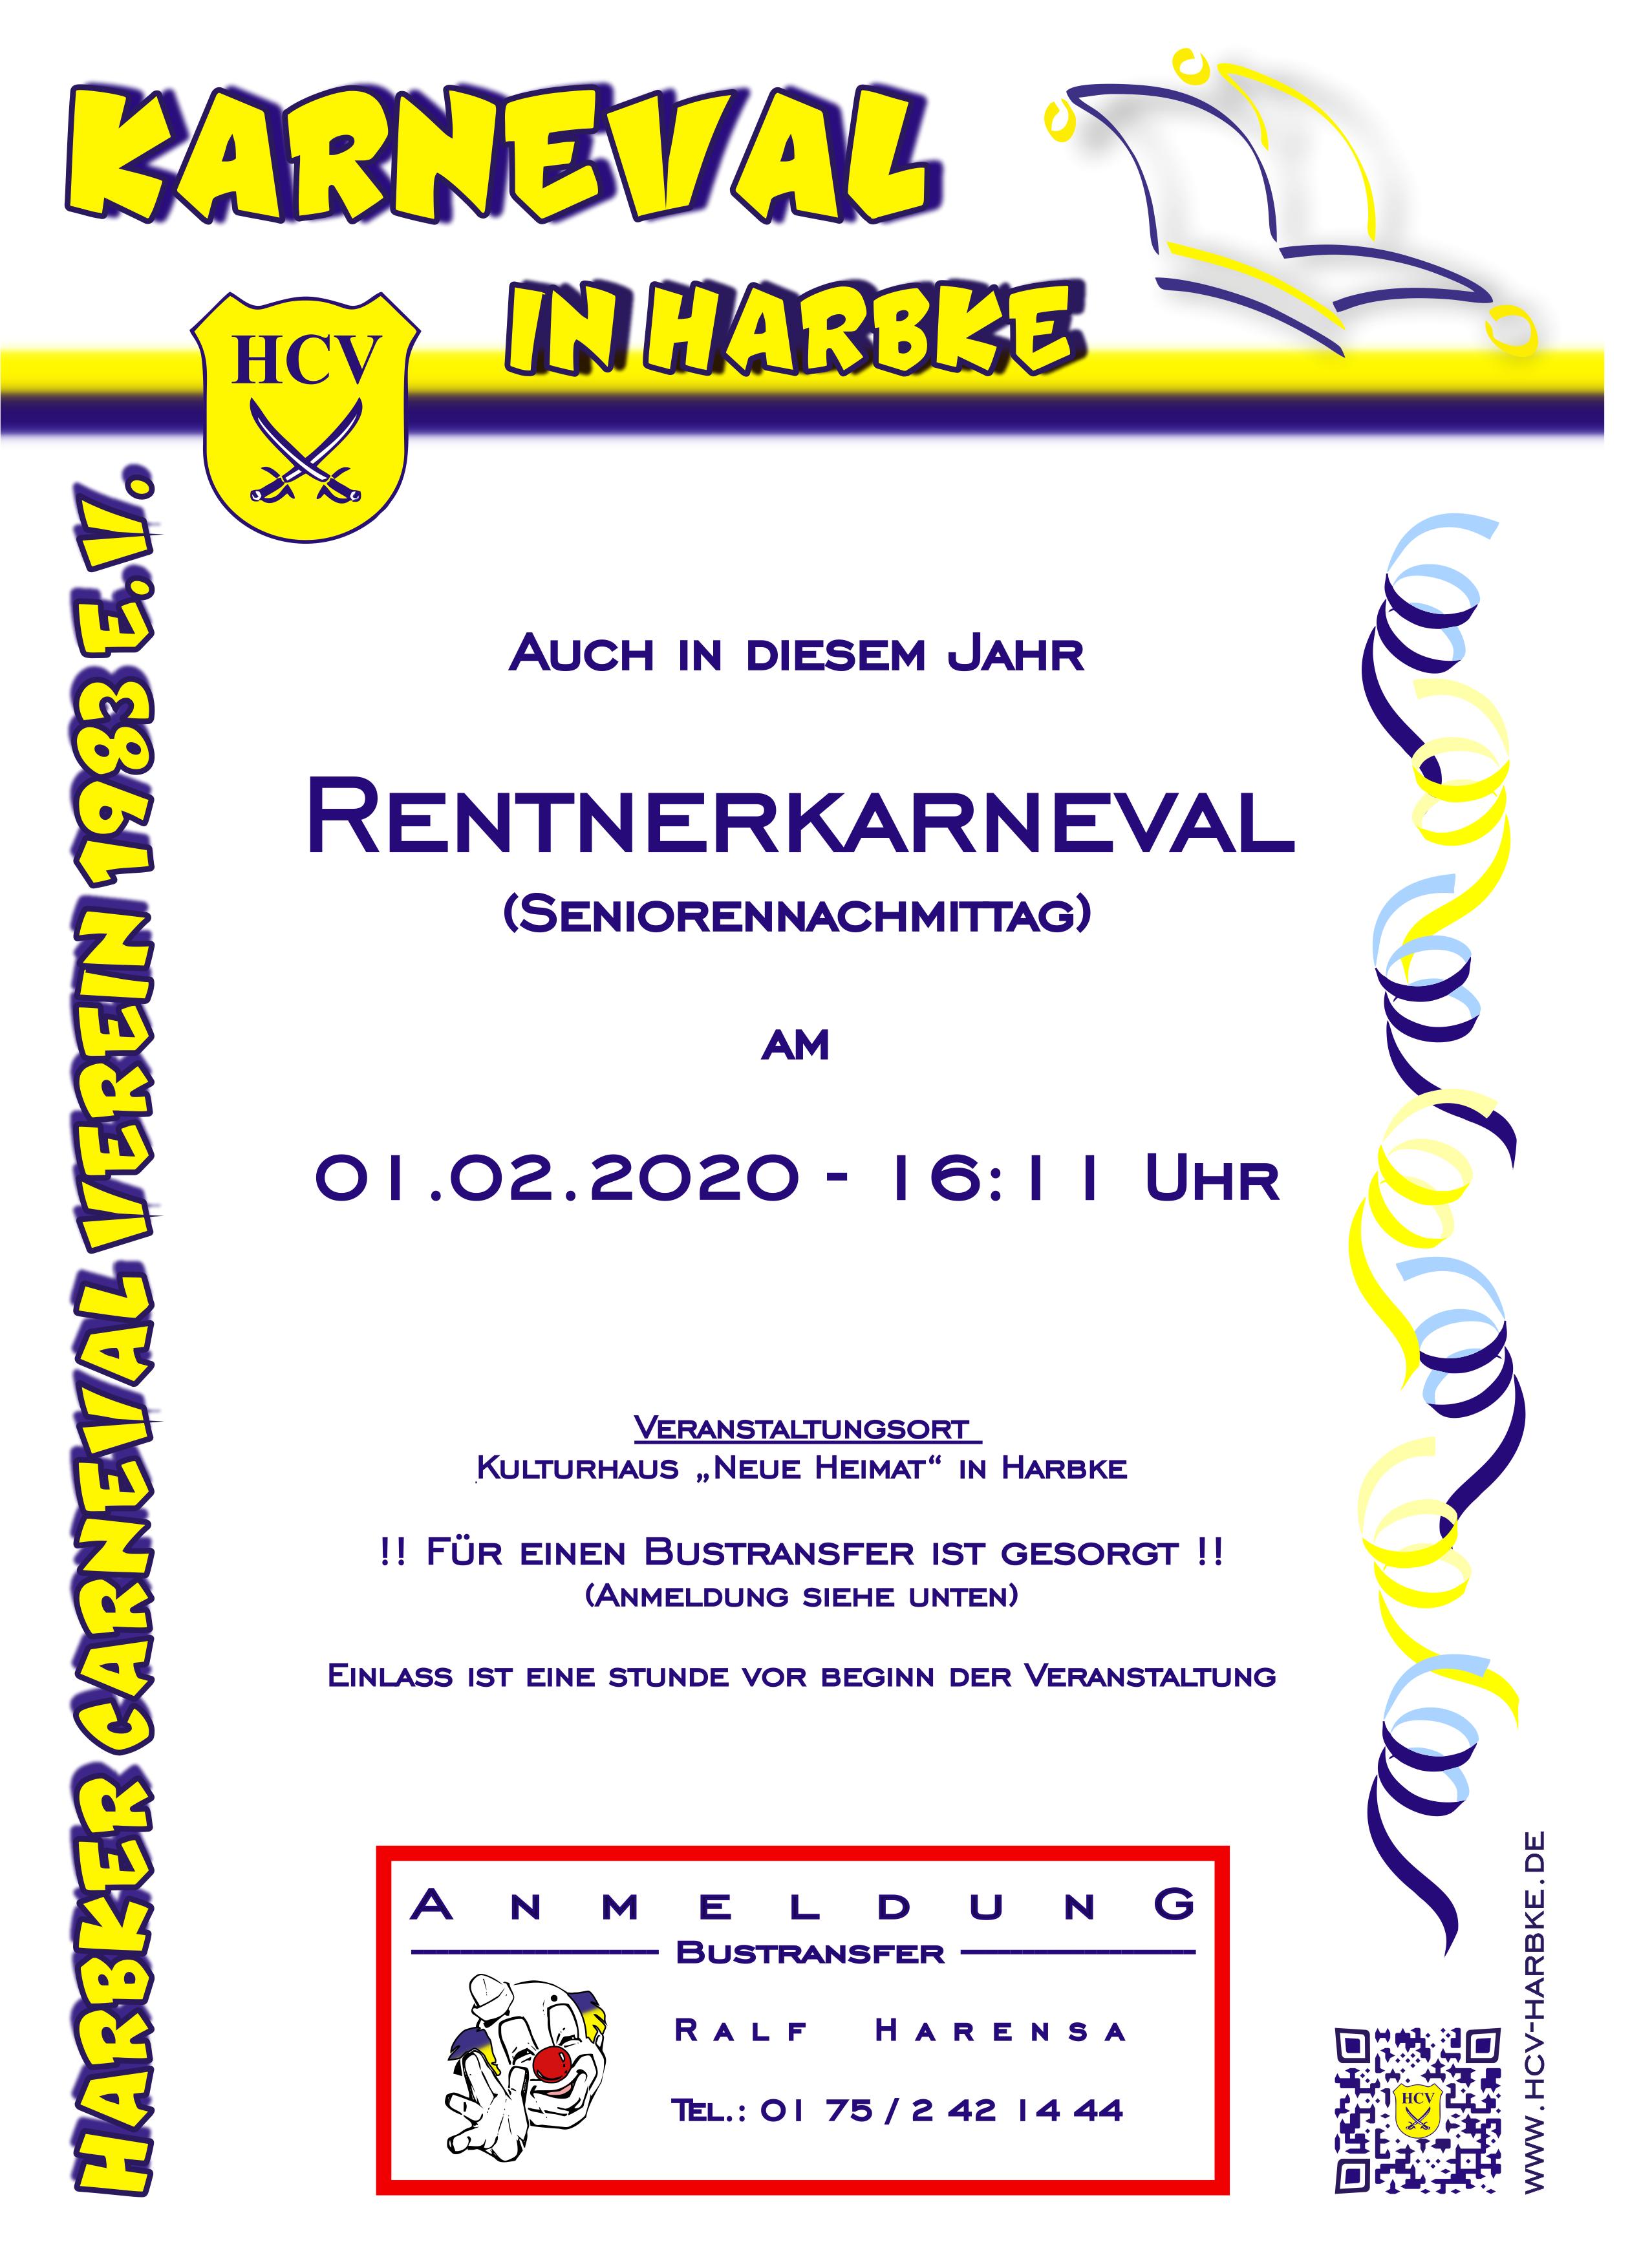 Rentnerkarneval 2020